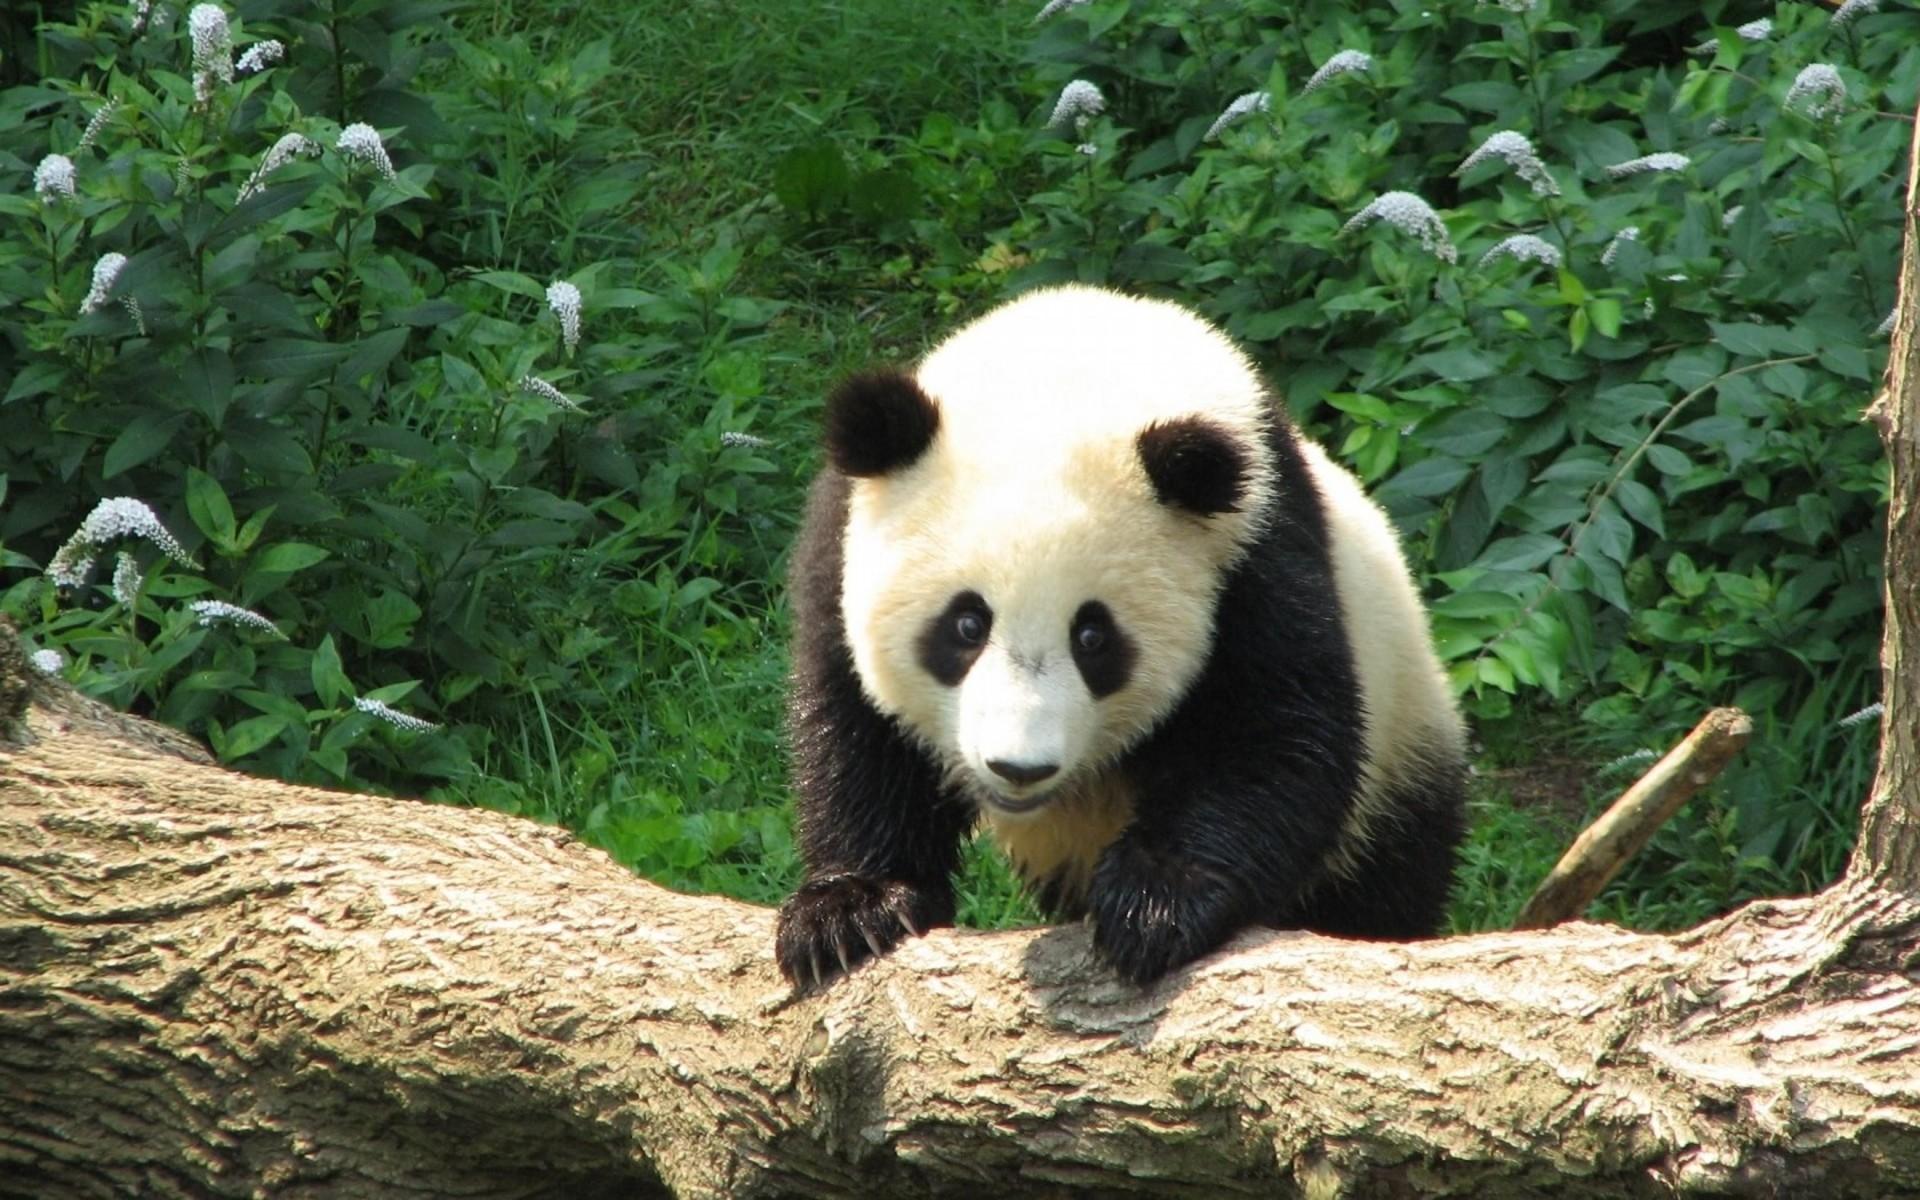 … Panda Wallpaper Panda Wallpaper